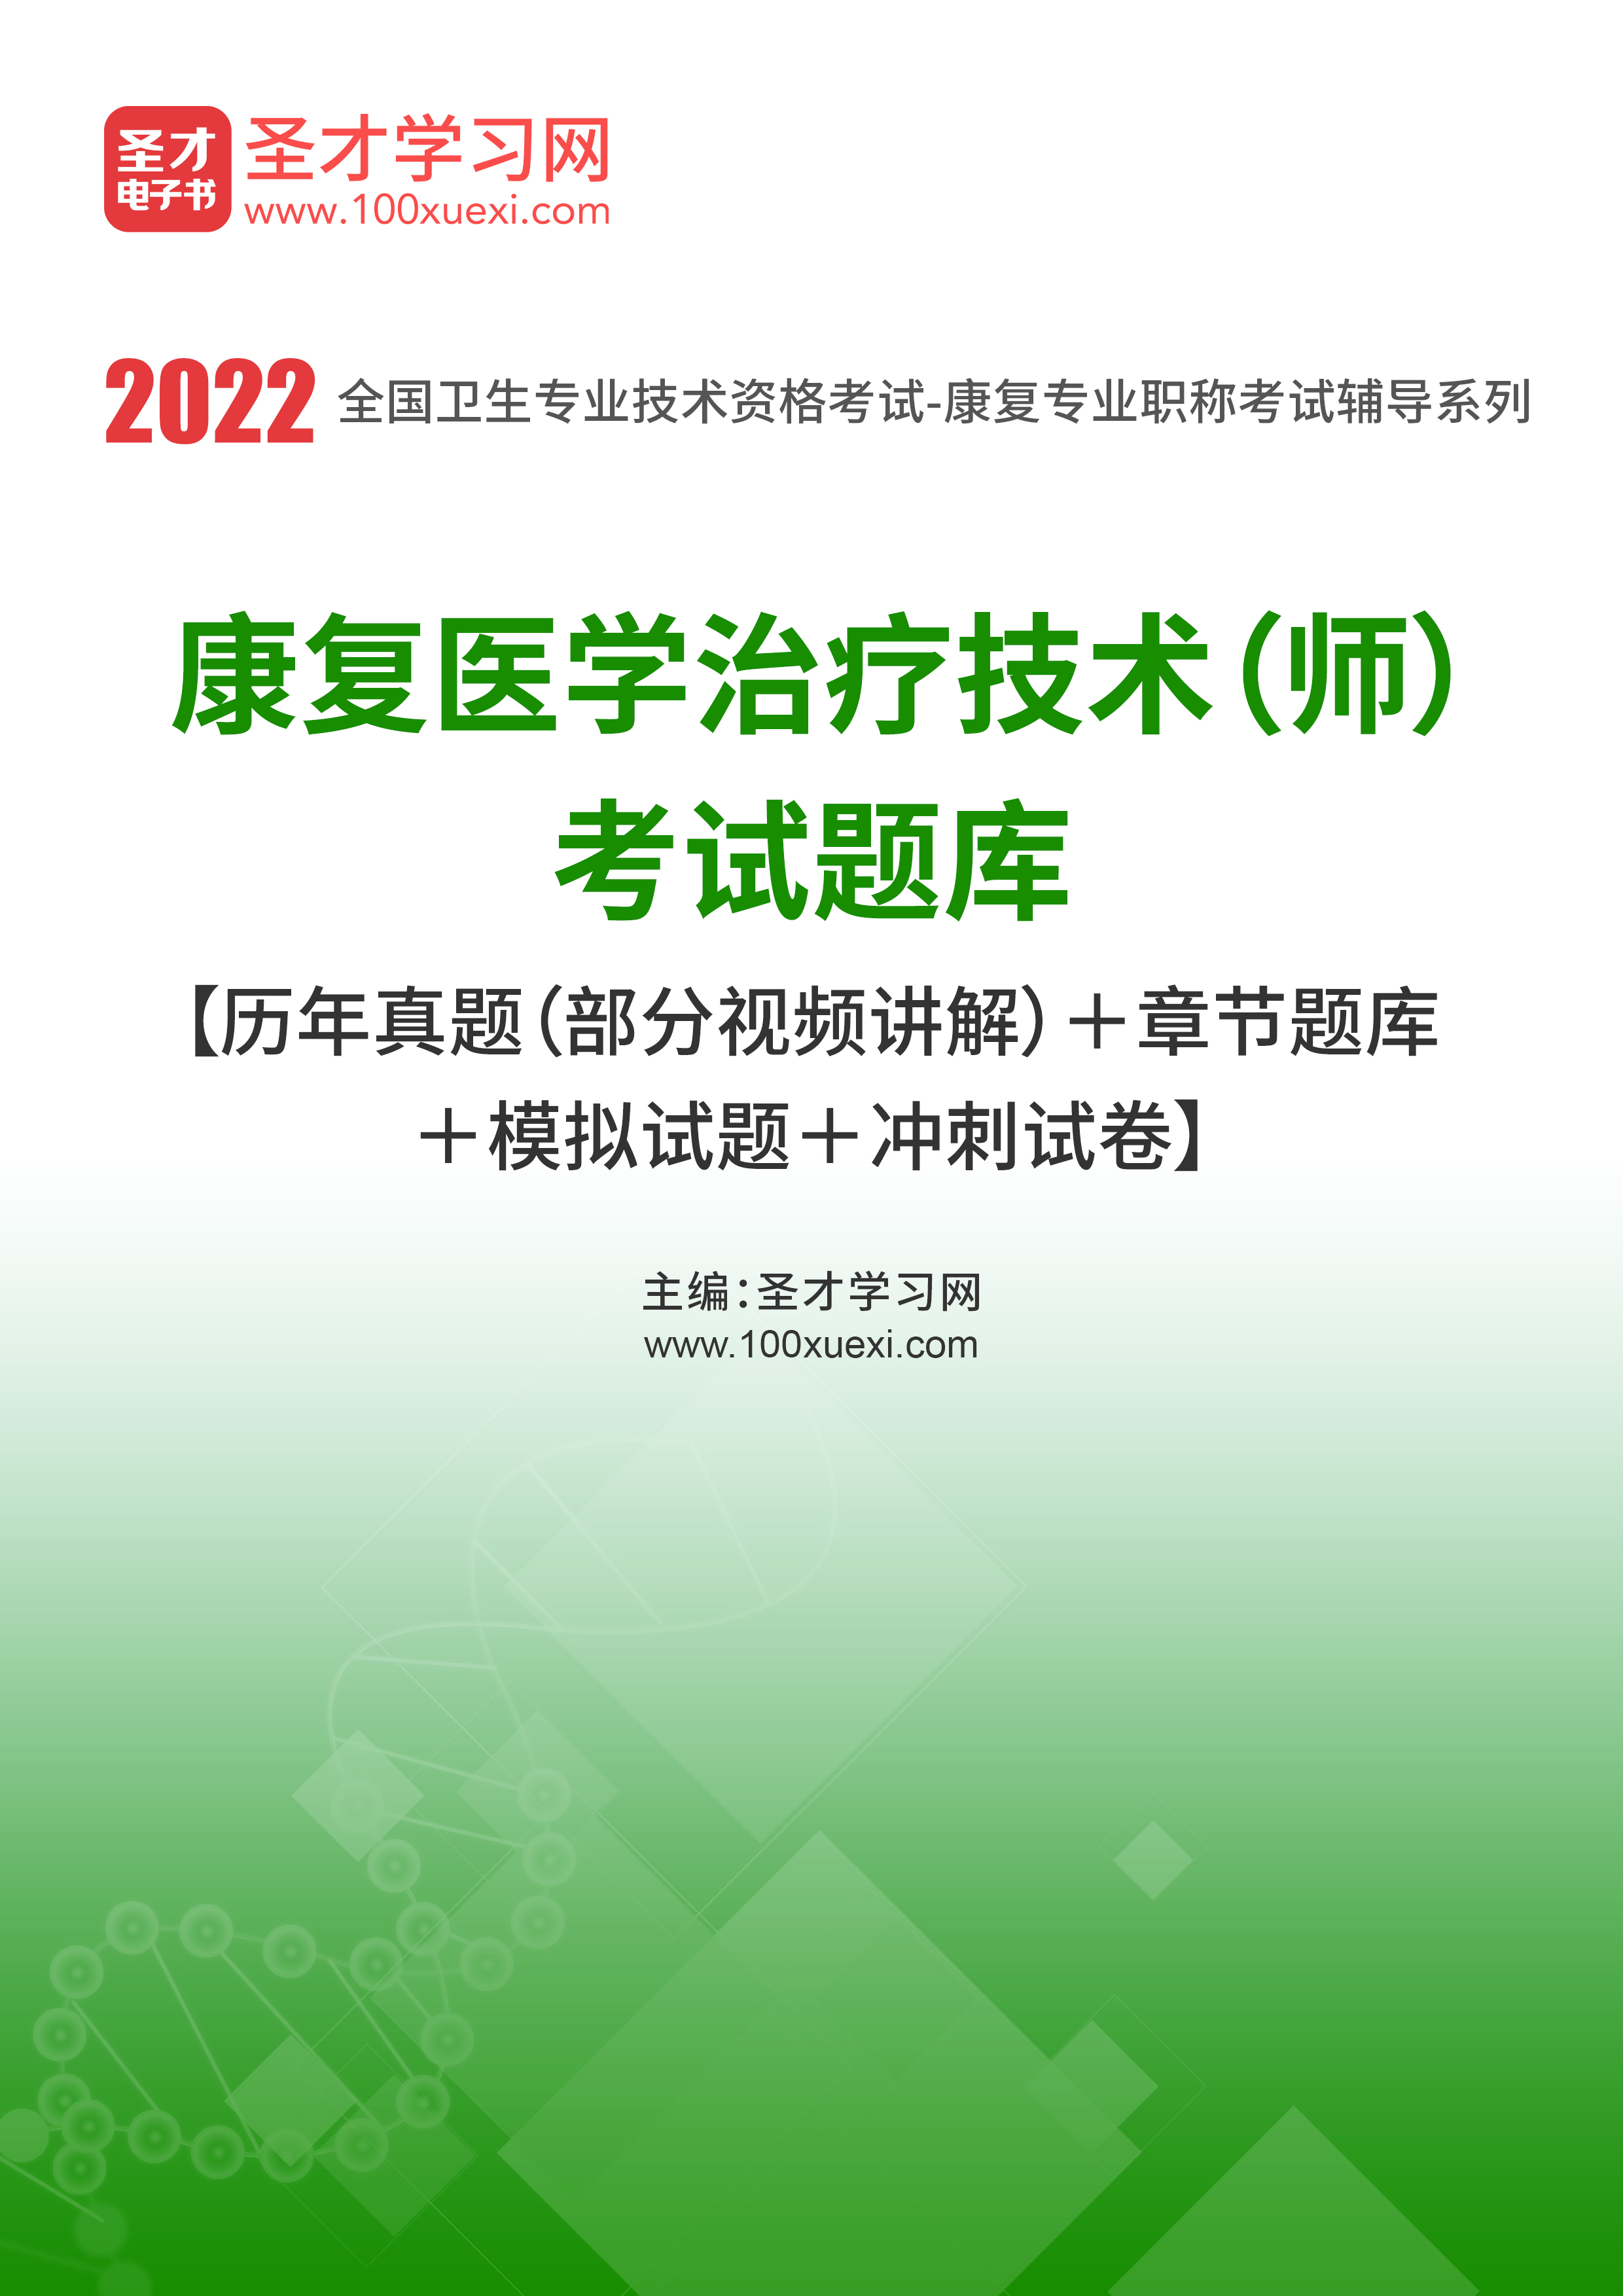 2022年康复医学治疗技术(师)考试题库【历年真题(部分视频讲解)+章节题库+模拟试题+冲刺试卷】